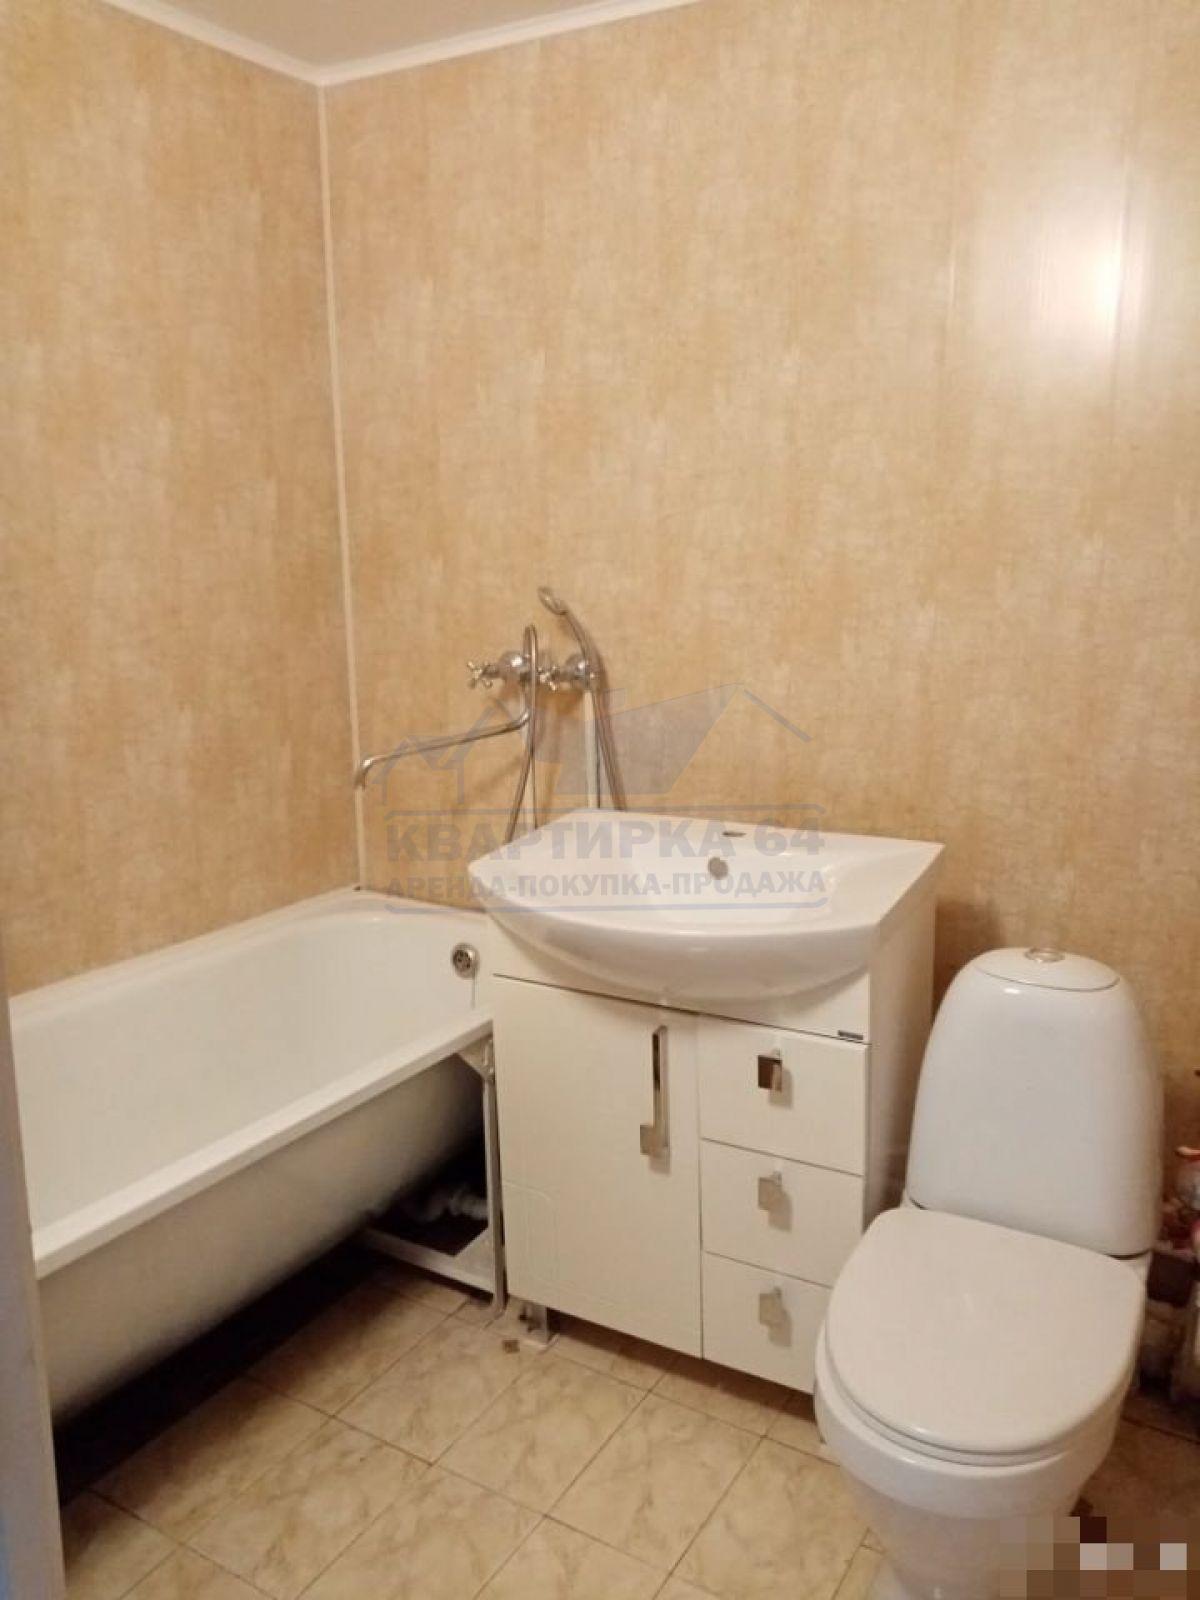 Квартира в аренду по адресу Россия, Саратовская область, Балаково